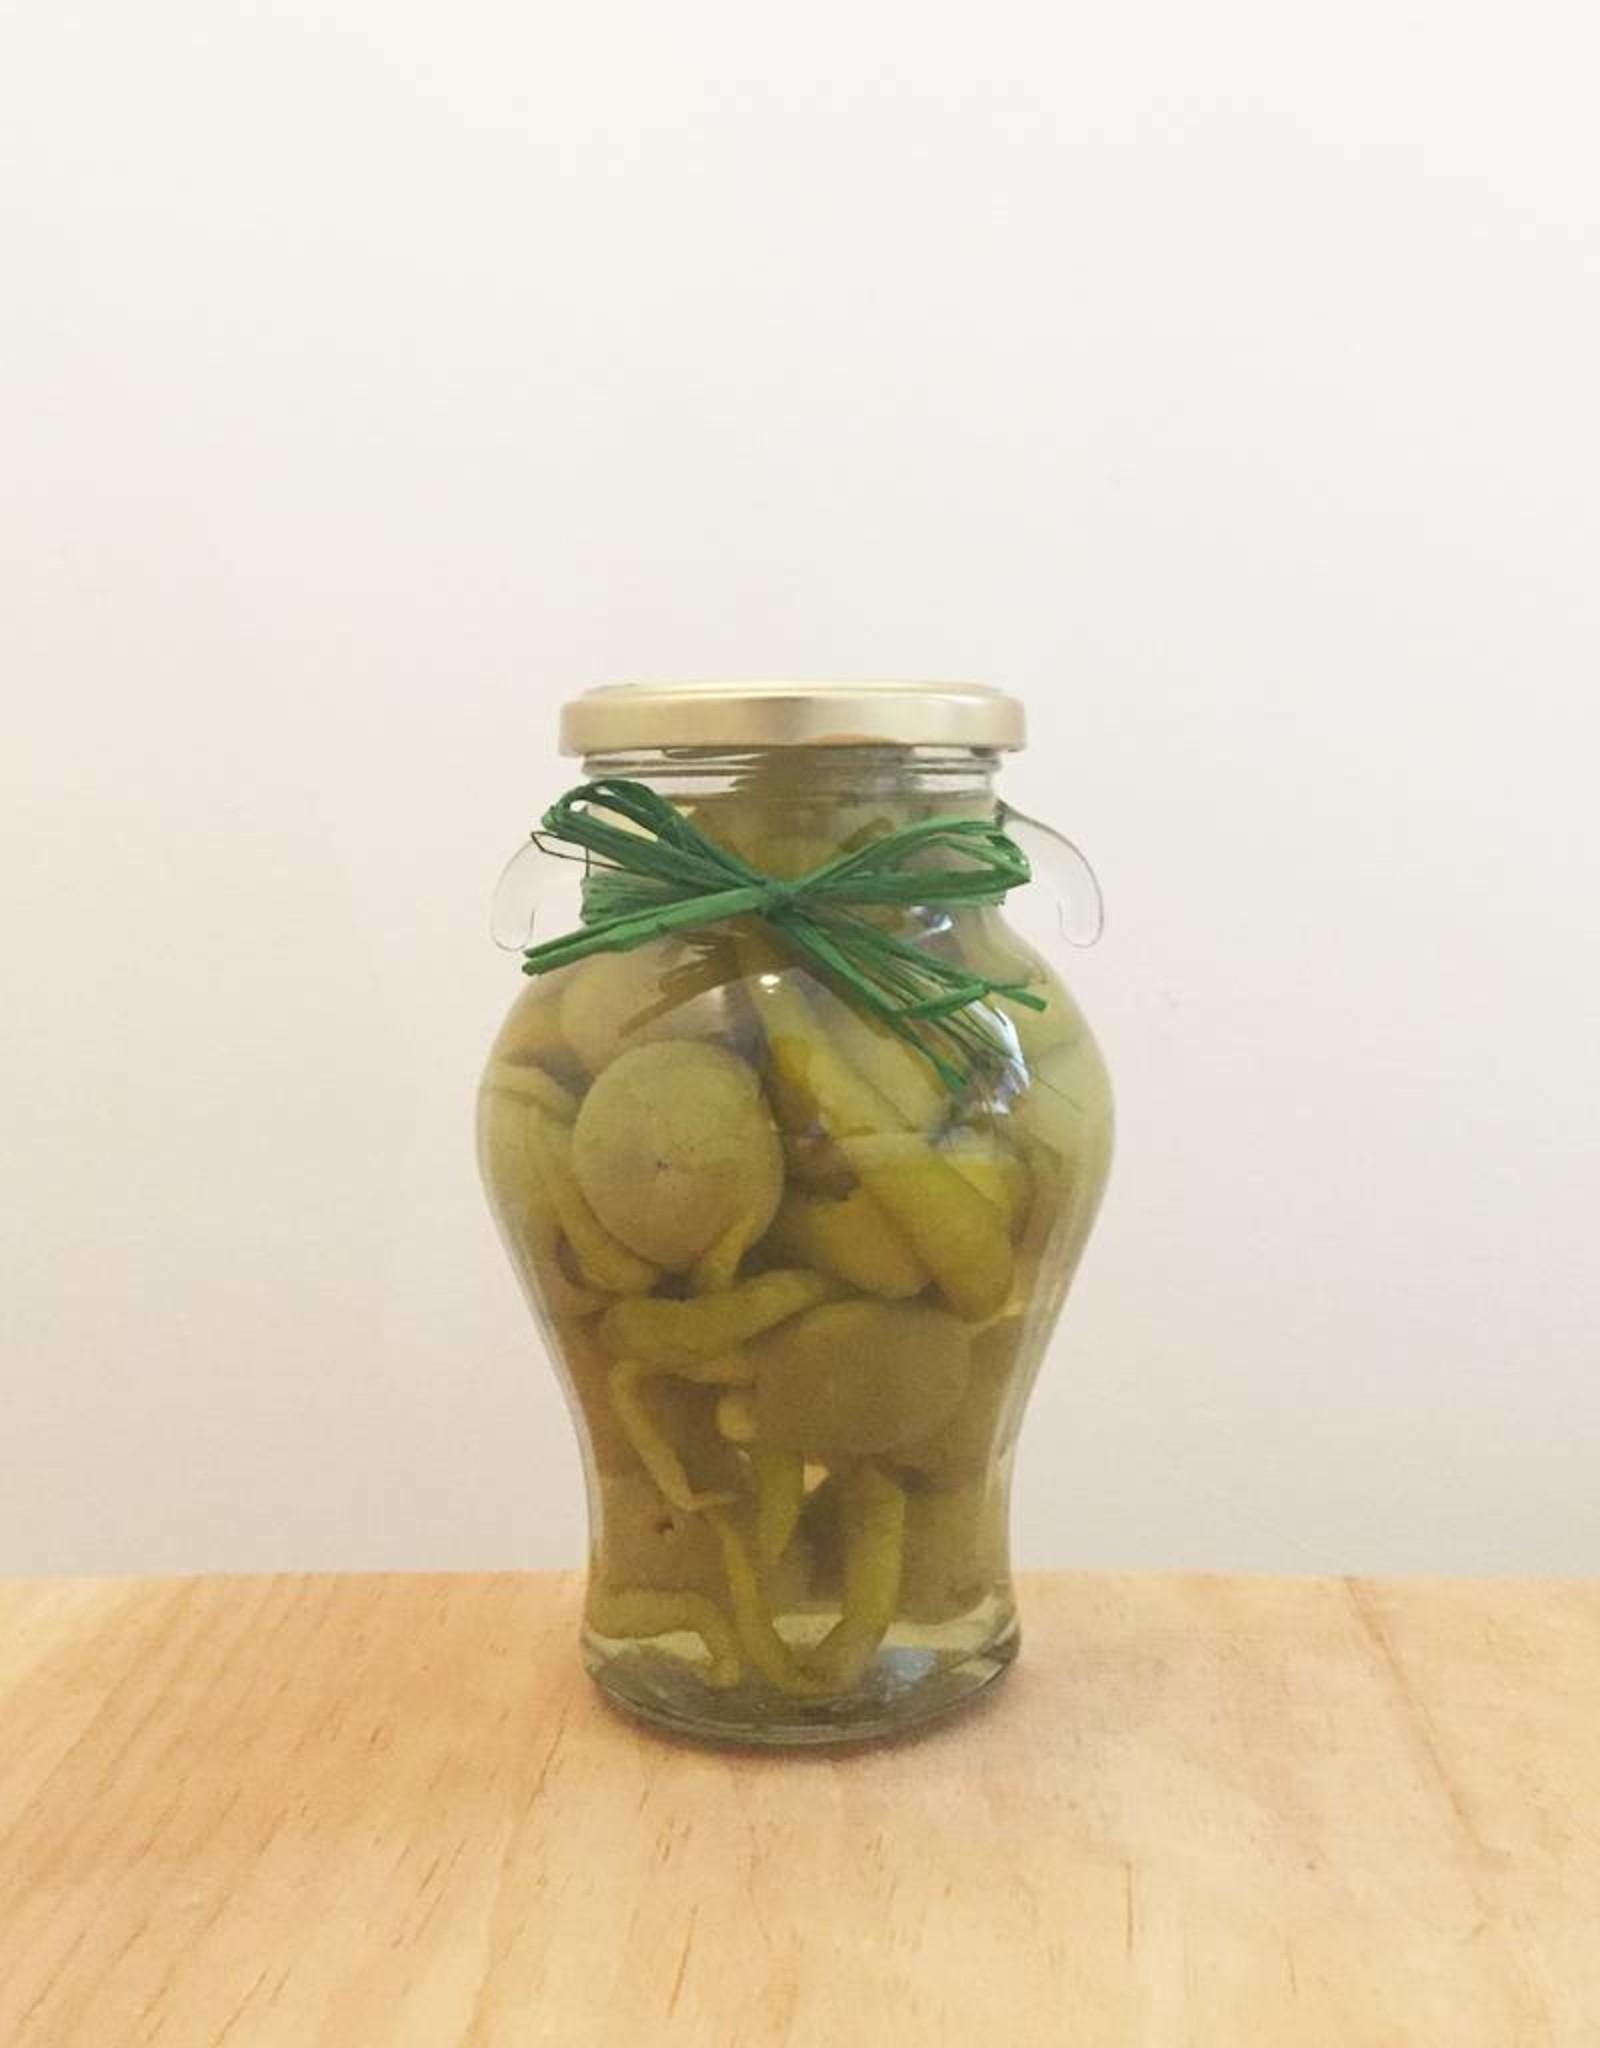 Delizia Delizia Olives (Green Chili Stuffed)